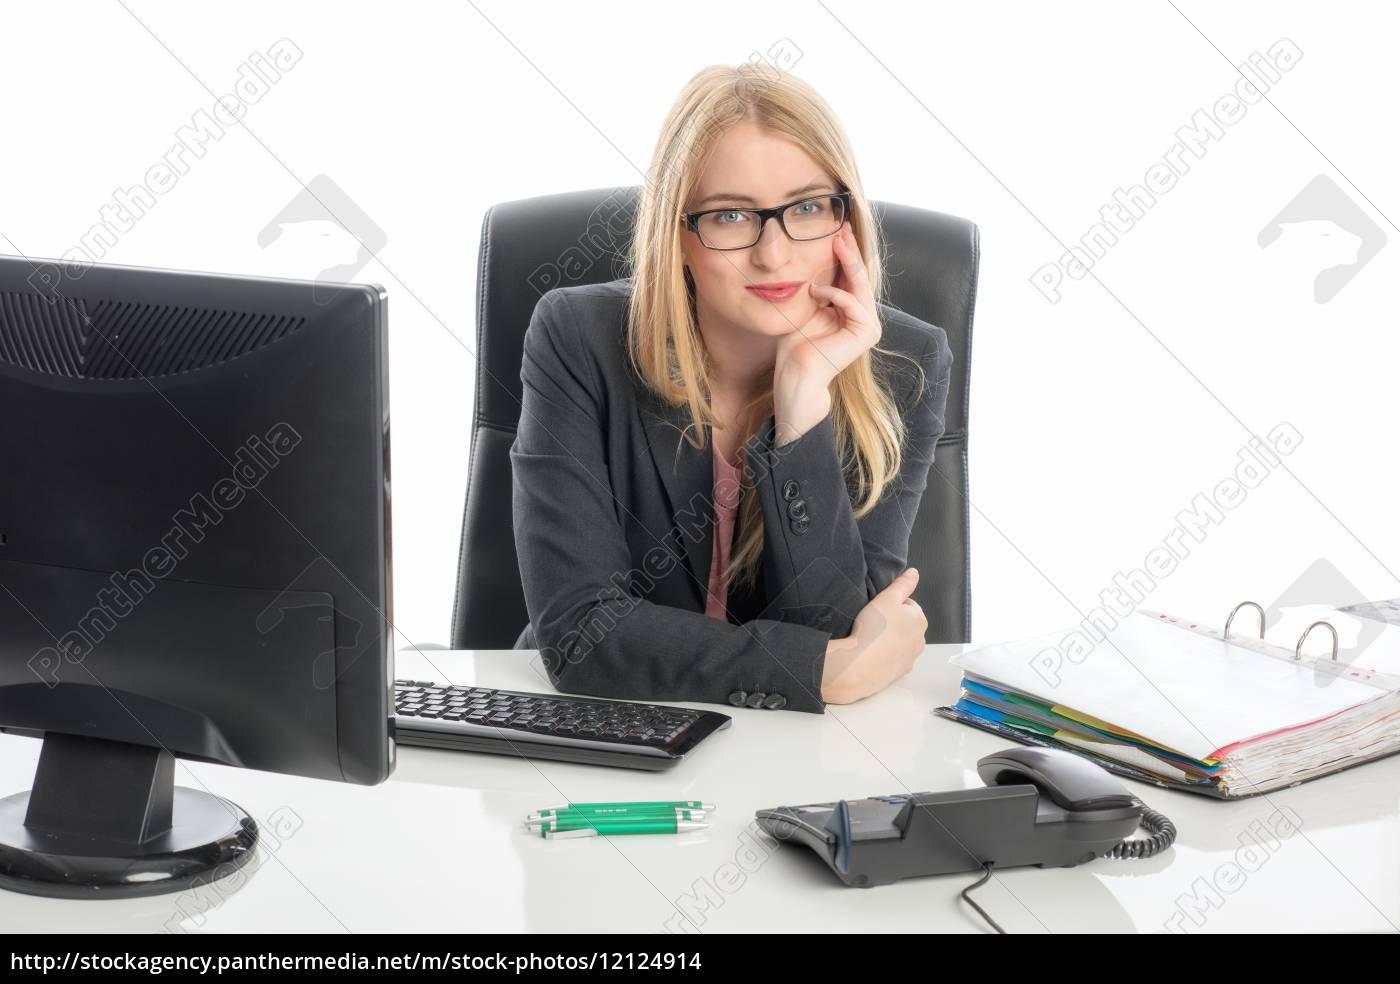 geschäftsfrau, am, schreibtisch, - 12124914